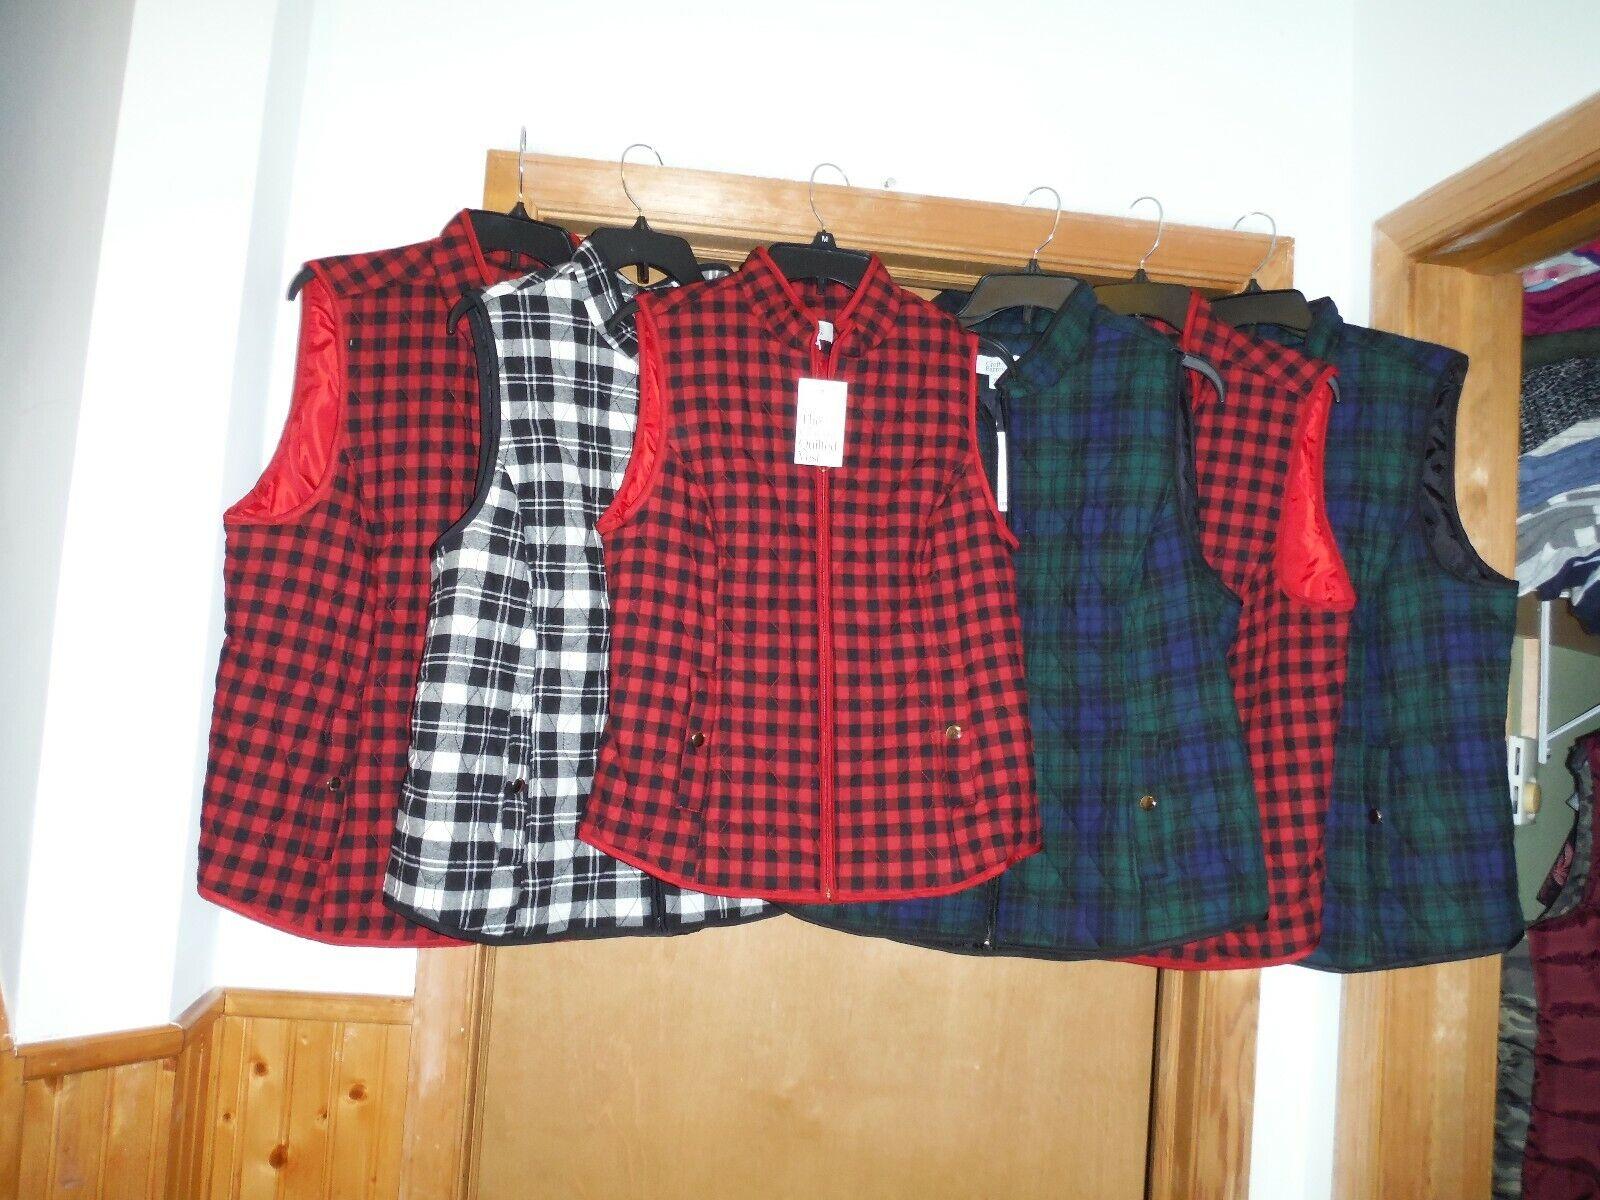 Light weight Women's Puffer Vests XXL,L,S,Croft & Barrow Full Zip Multi Plaid